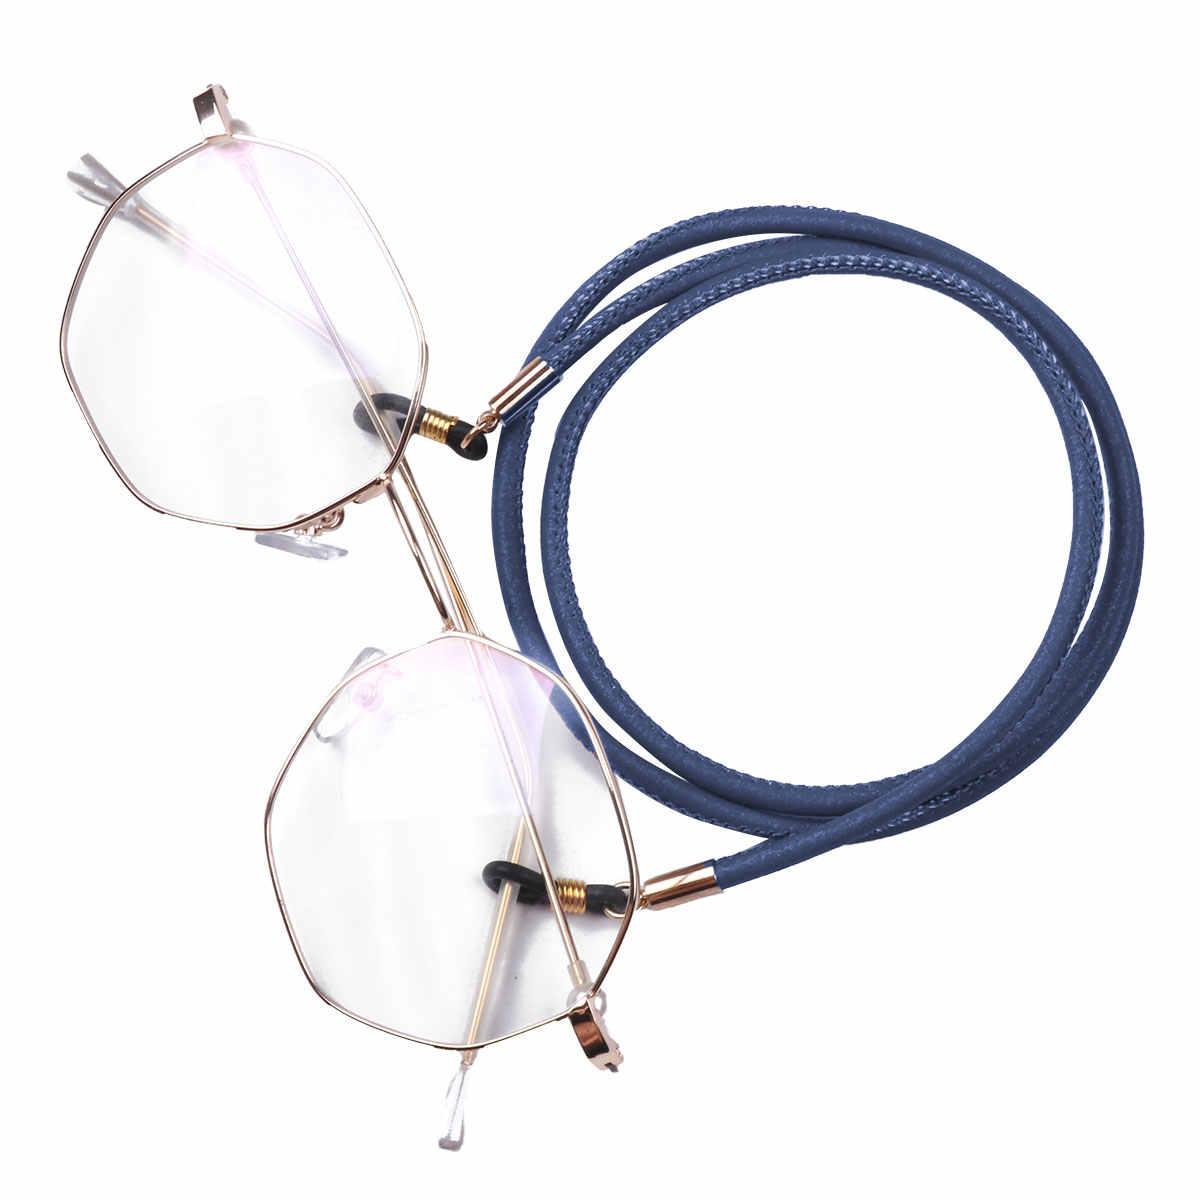 bcce68af1453 ... 4Pcs 4 Color Set Leather Glasses Strap Adjustable Sunglasses Chain  Eyeglasses Rope Eyeglass Lanyard Holder ...